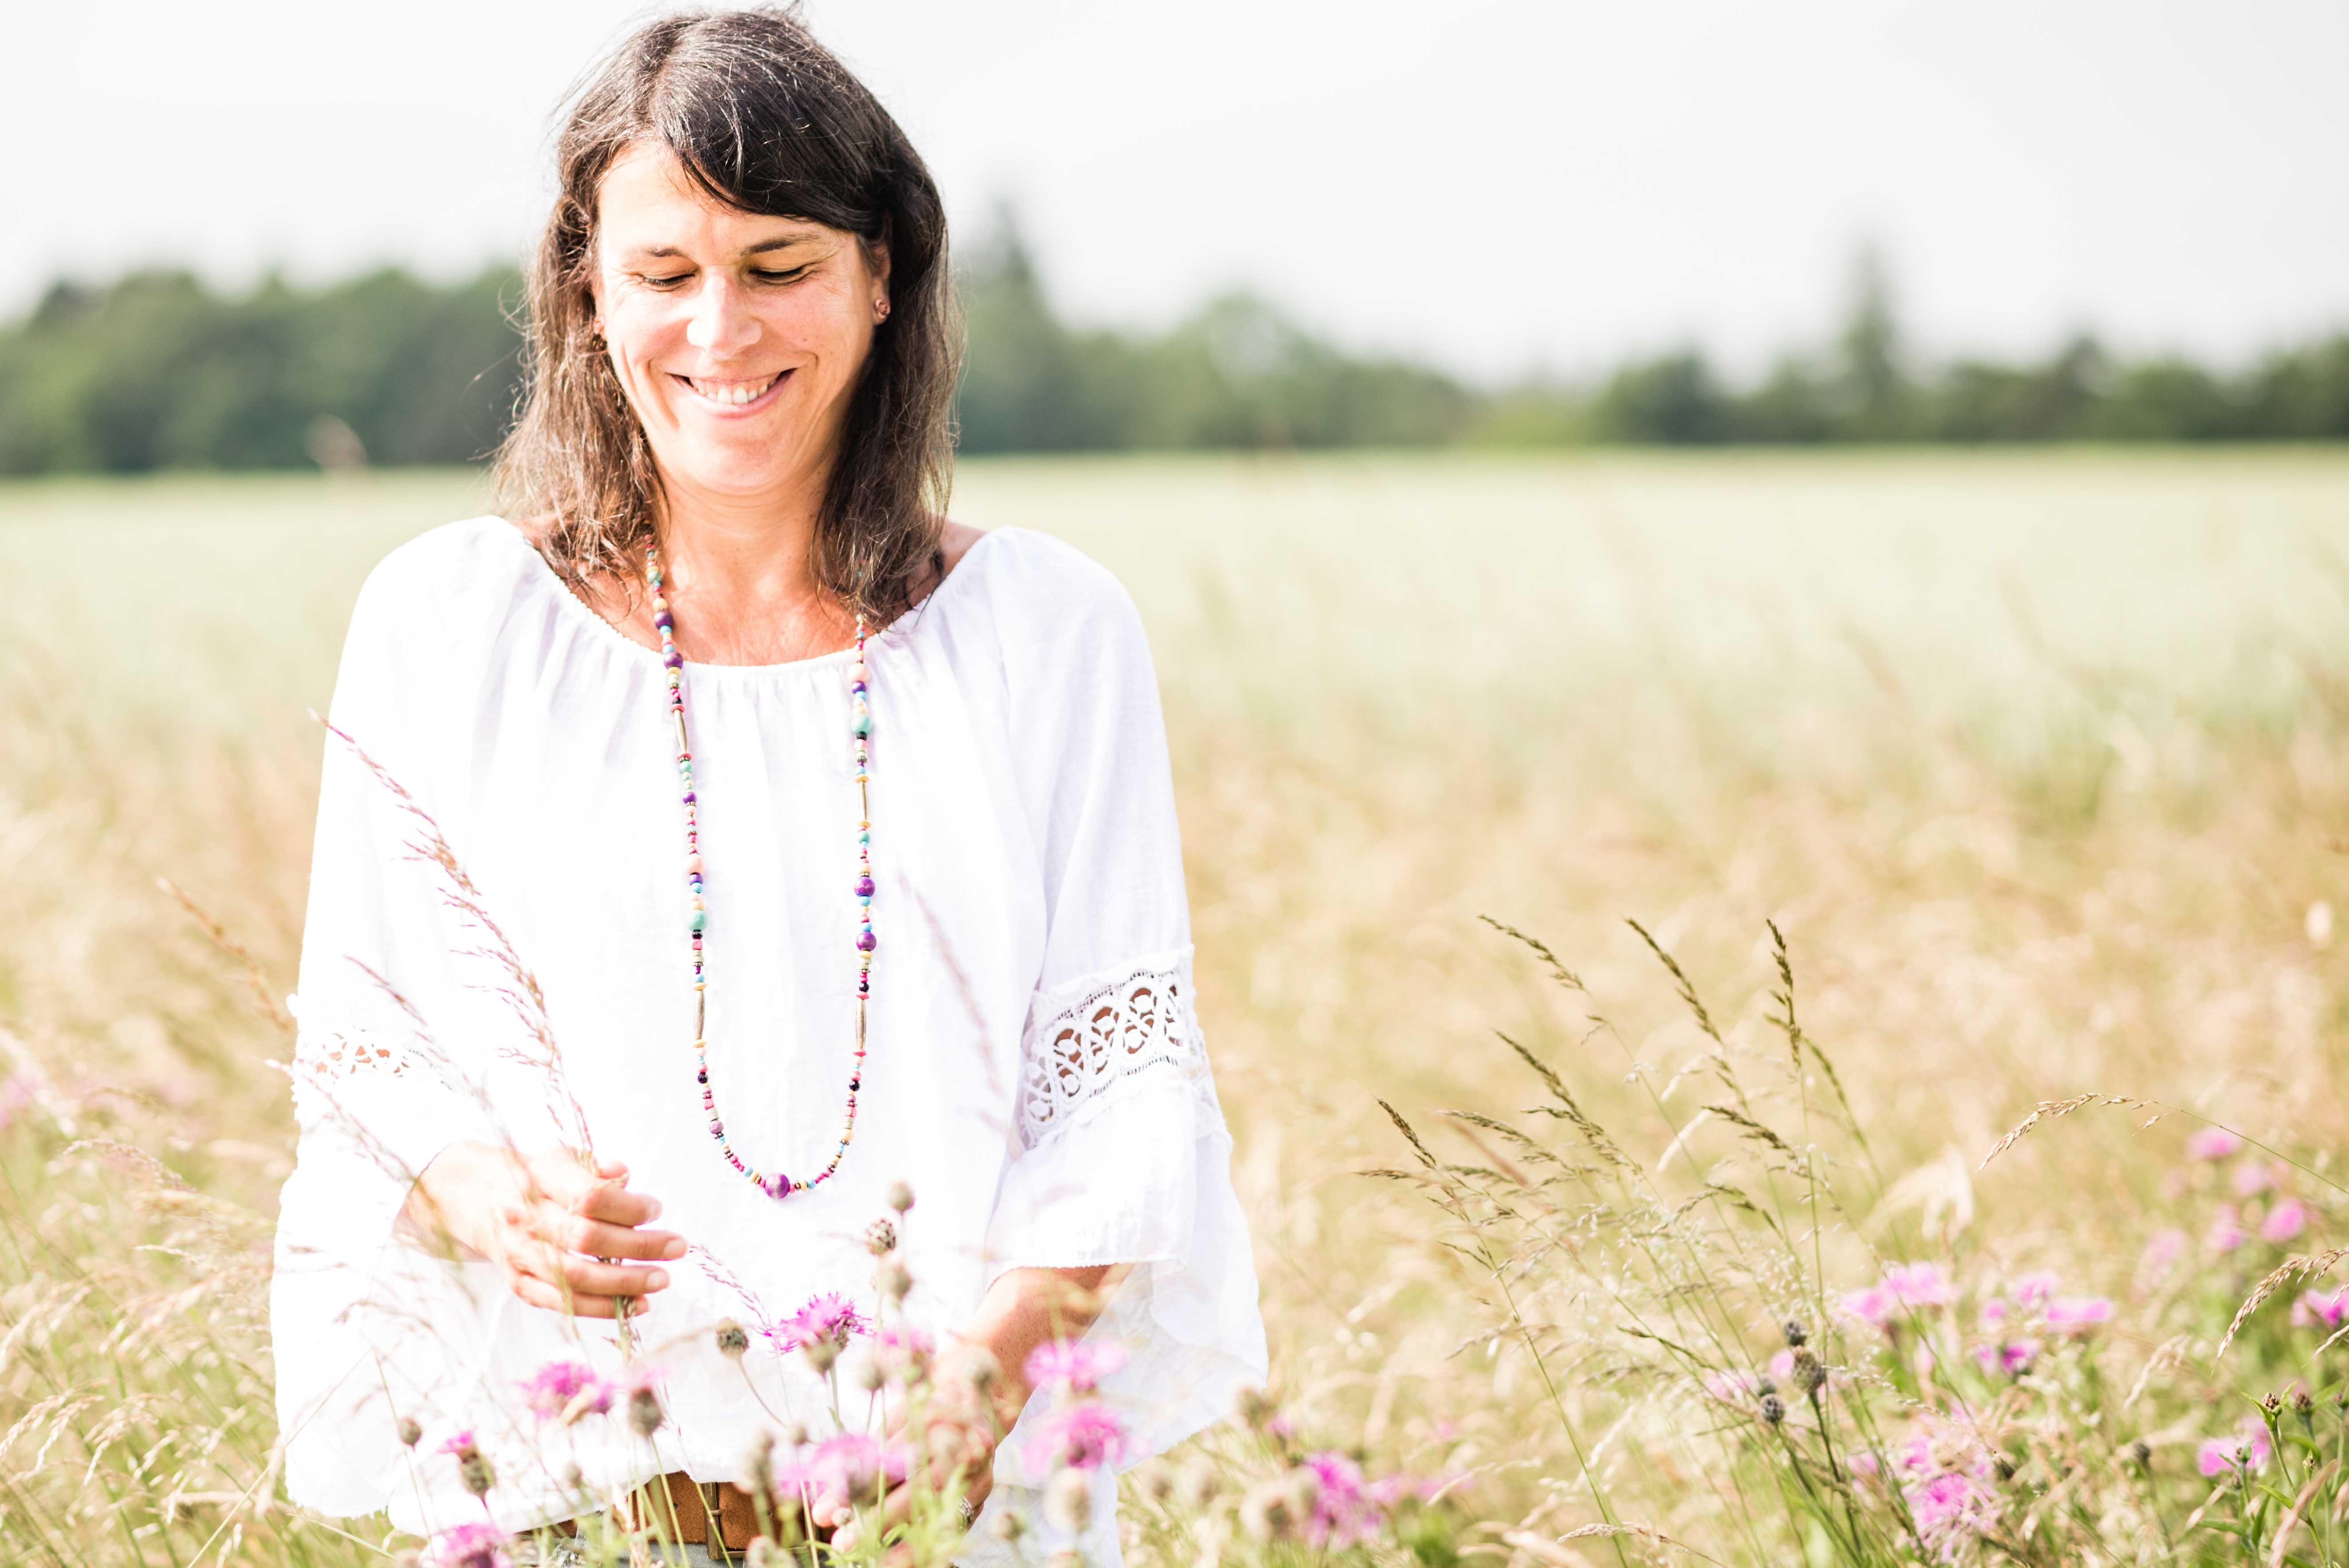 Barbara Baschnagel steht im Feld am linken Rand. Blick nach unten und Blumen in den Händen.